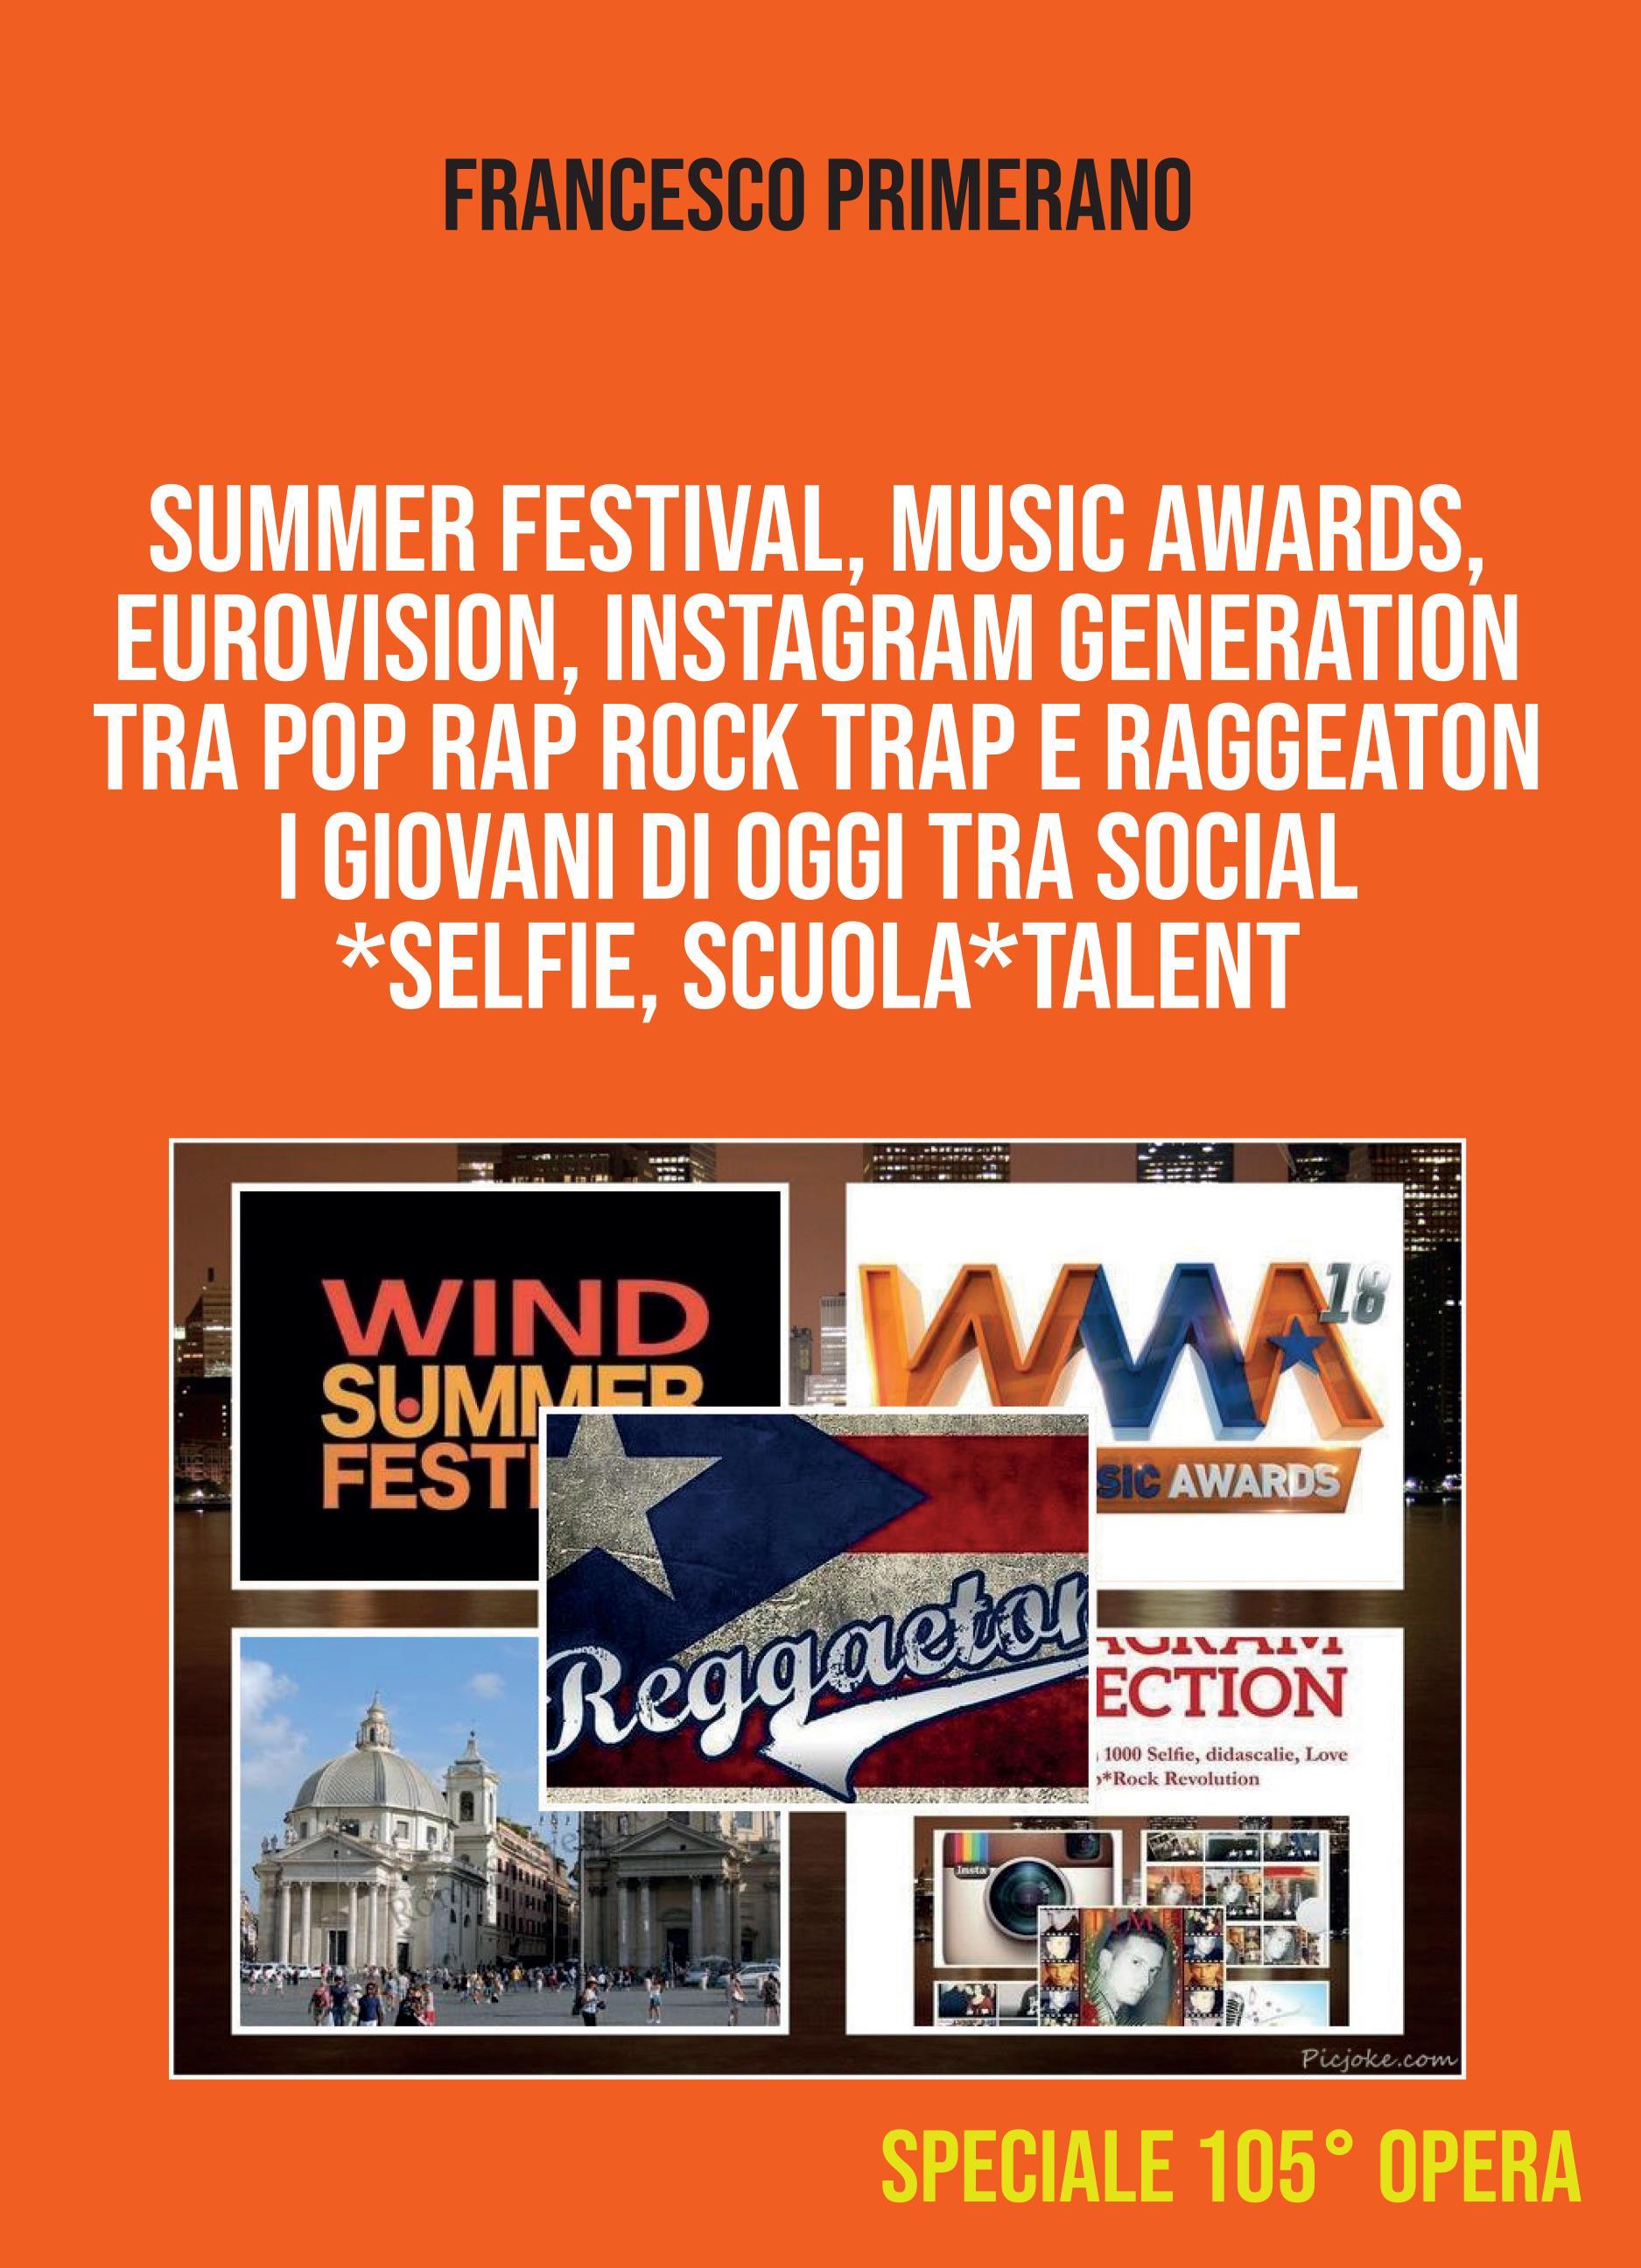 SUMMER FESTIVAL, MUSIC AWARDS, EUROVISION, INSTAGRAM GENERATION TRA POP RAP ROCK TRAP E RAGGEATON  I giovani di oggi tra Social*Selfie, Scuola*Talent